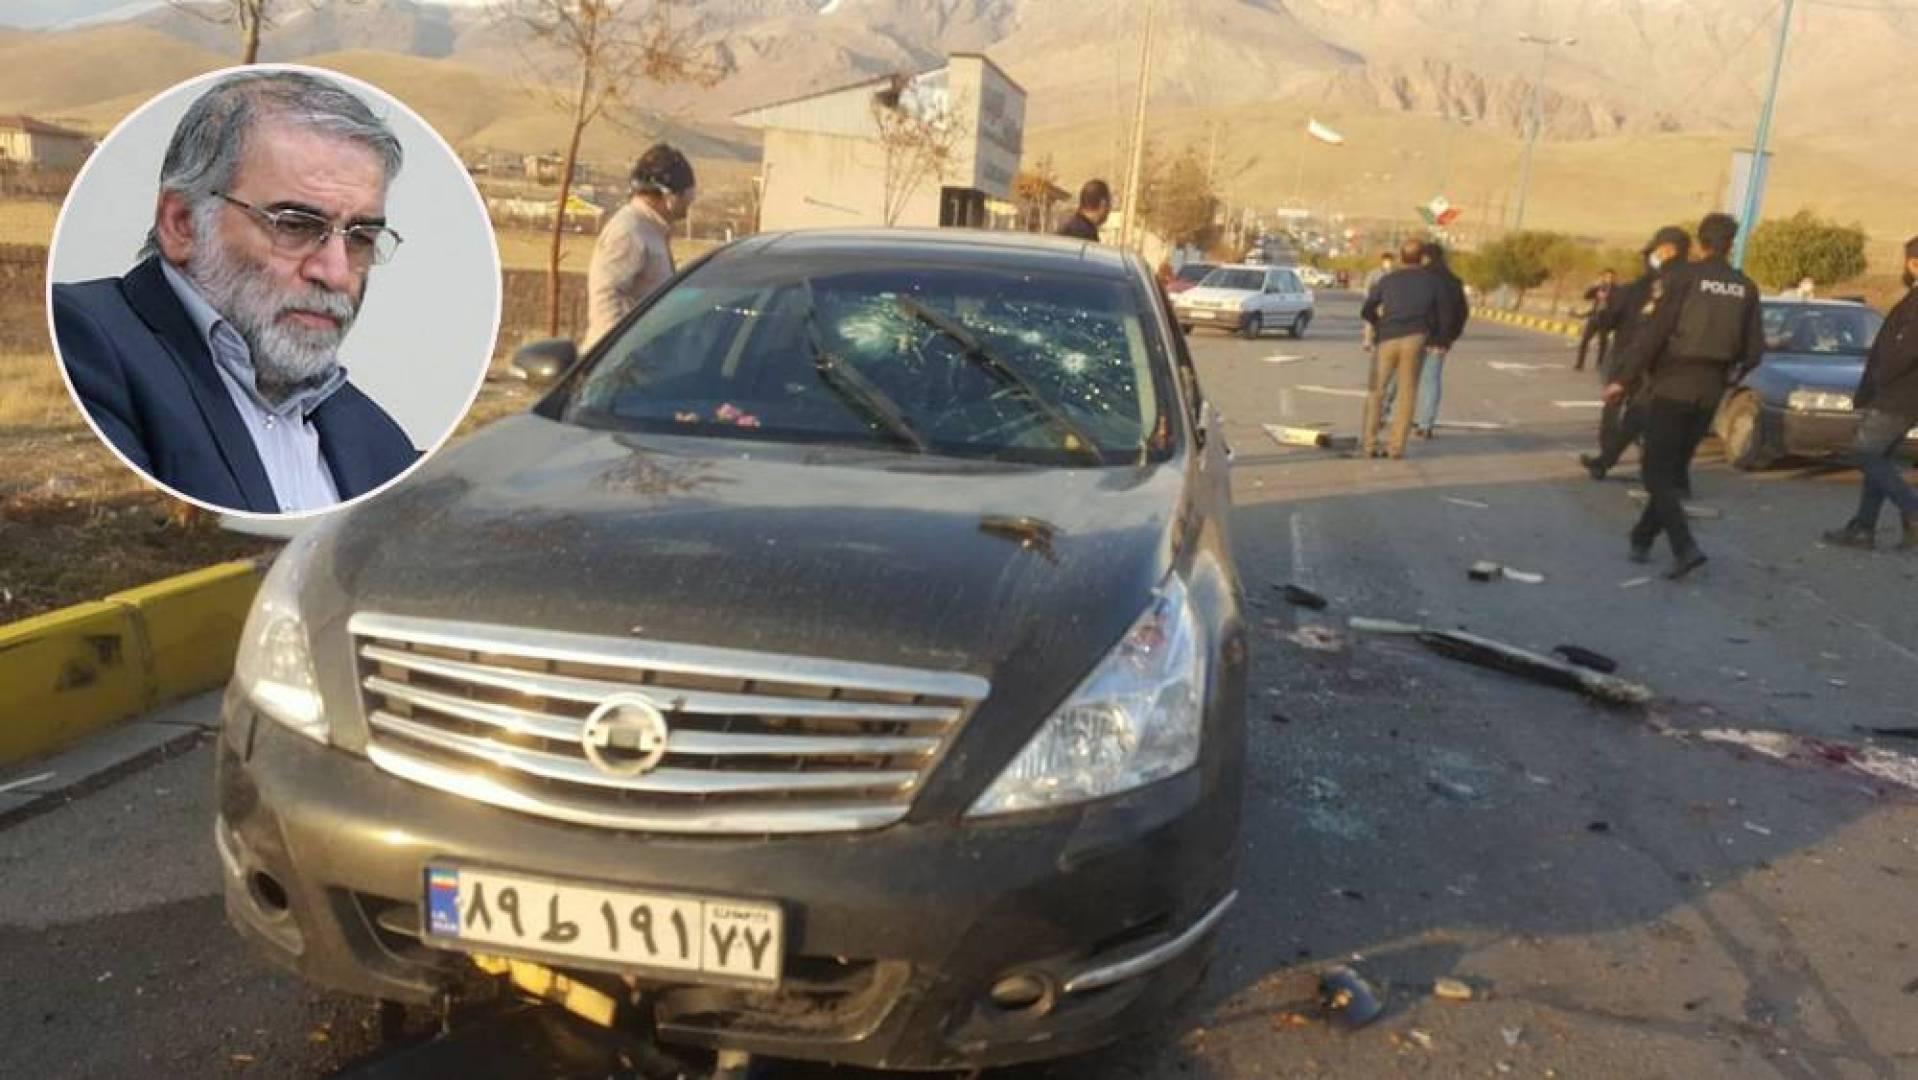 اغتيال العالم النووي الإيراني محسن فخري زادة في هجوم مسلح بطهران